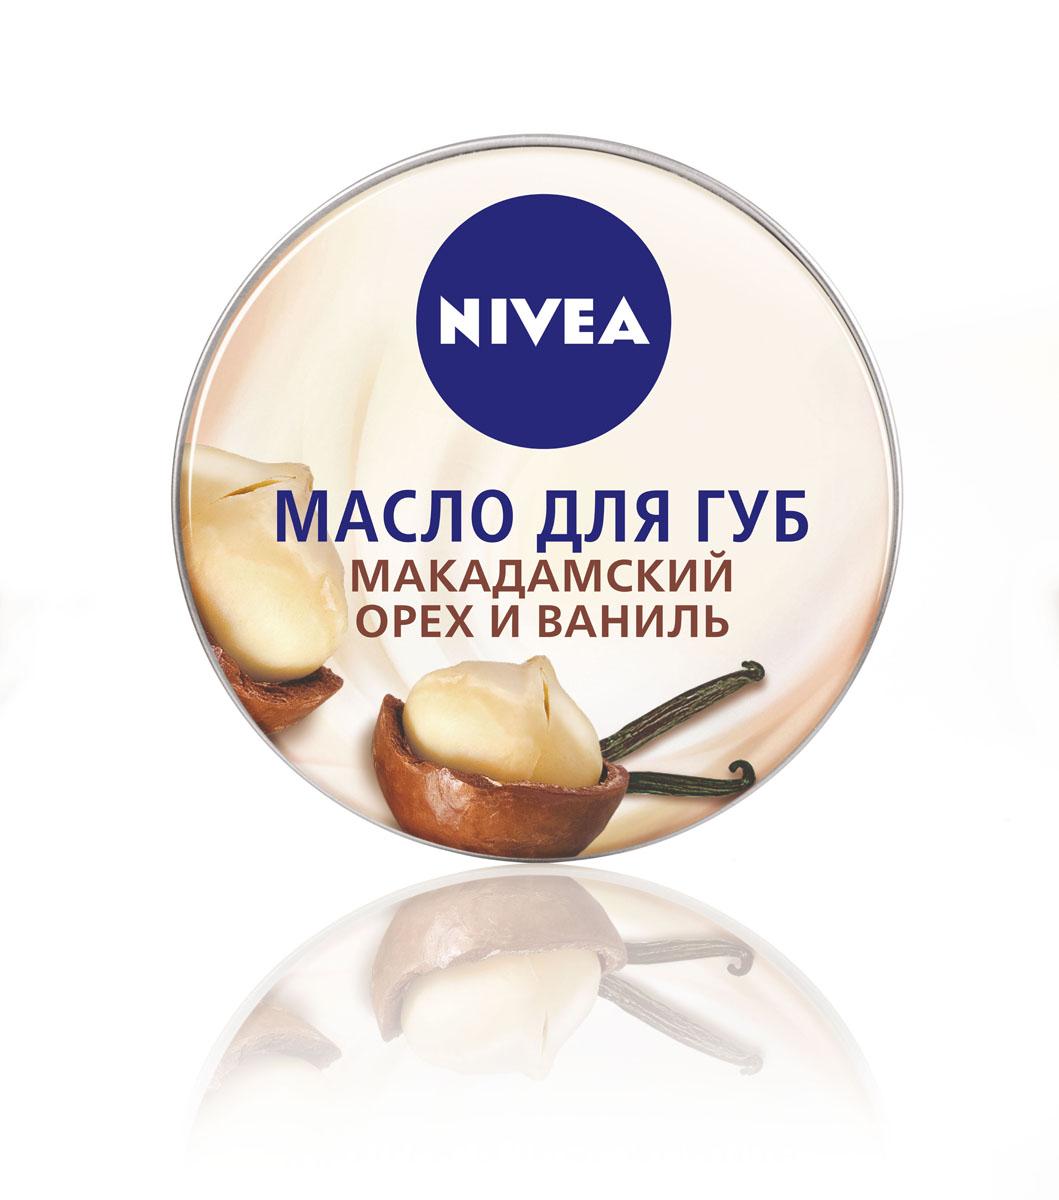 NIVEA Масло для губ «Макадамский орех и ваниль» 19 мл100620805•Масло для губ от NIVEA — это новая гамма восхитительных вкусов и ароматов, которая превращает уход за губами в истинное удовольствие. Увлажняющая формула, обогощенная маслами карите и миндаля, интенсивно и надолго увлажняет кожу губ. Масло для губ с нежным ароматом ванили и макадамского ореха делает кожу губ невероятно мягкой.Как это работает•обеспечивает интенсивный уход в течение длительного времени•подходит для сухих губ•придает необыкновенную мягкость•придает естественный блеск Одобрено дерматологами NIVEA — всё для самых нежных поцелуев!